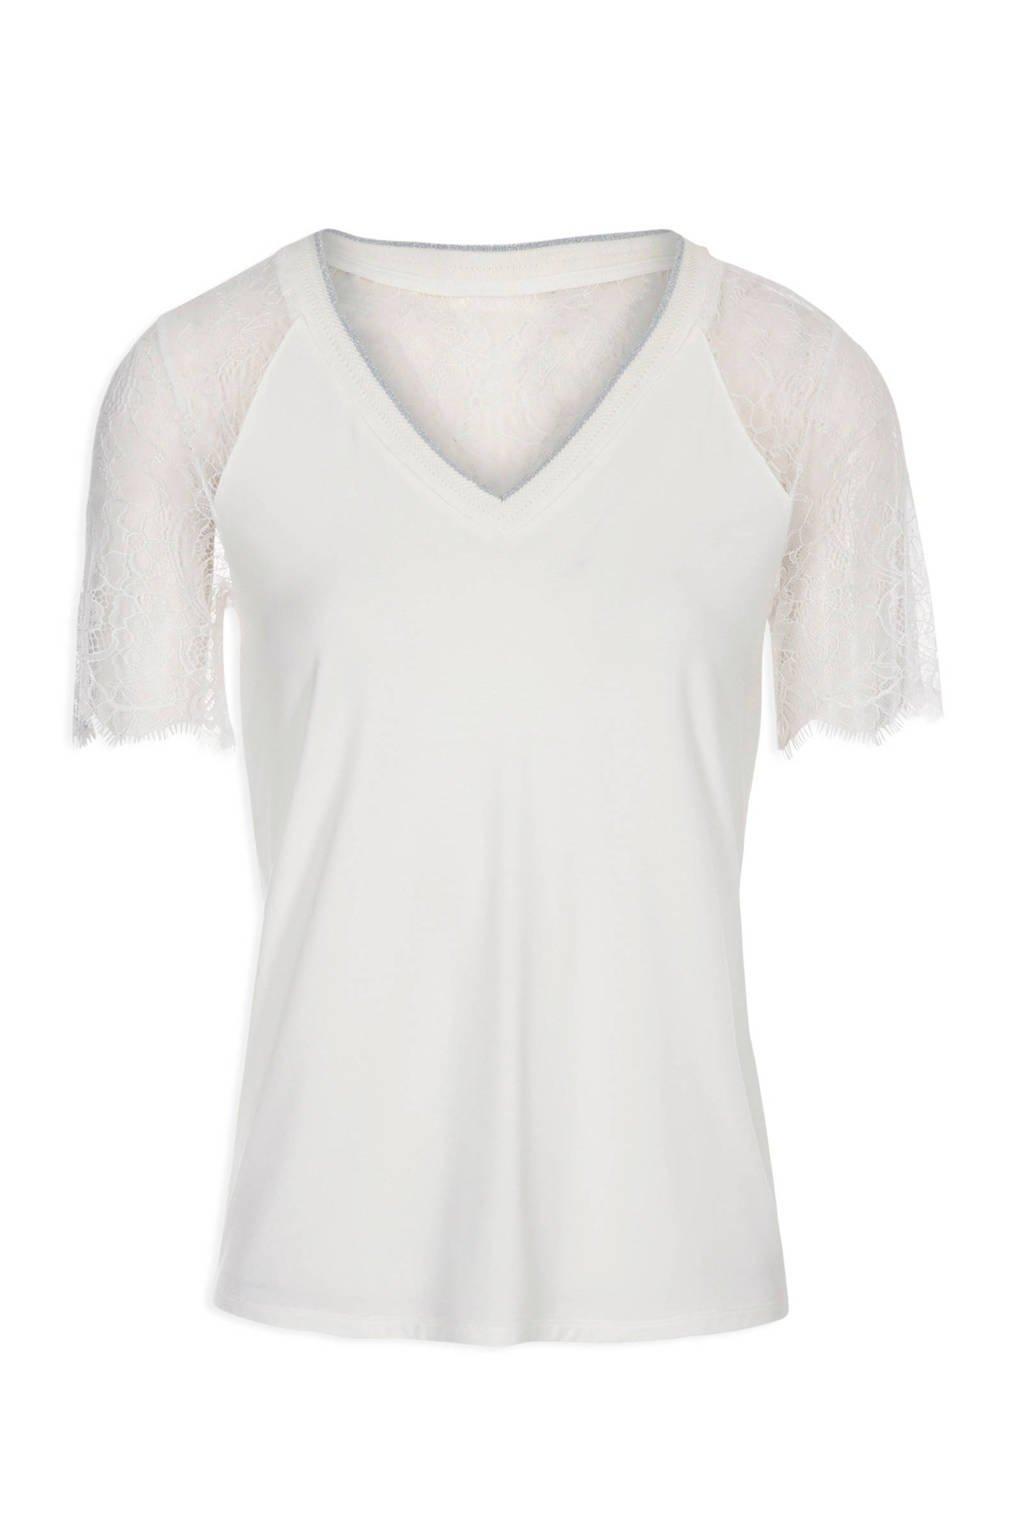 Morgan T-shirt met kant gebroken wit, Gebroken wit